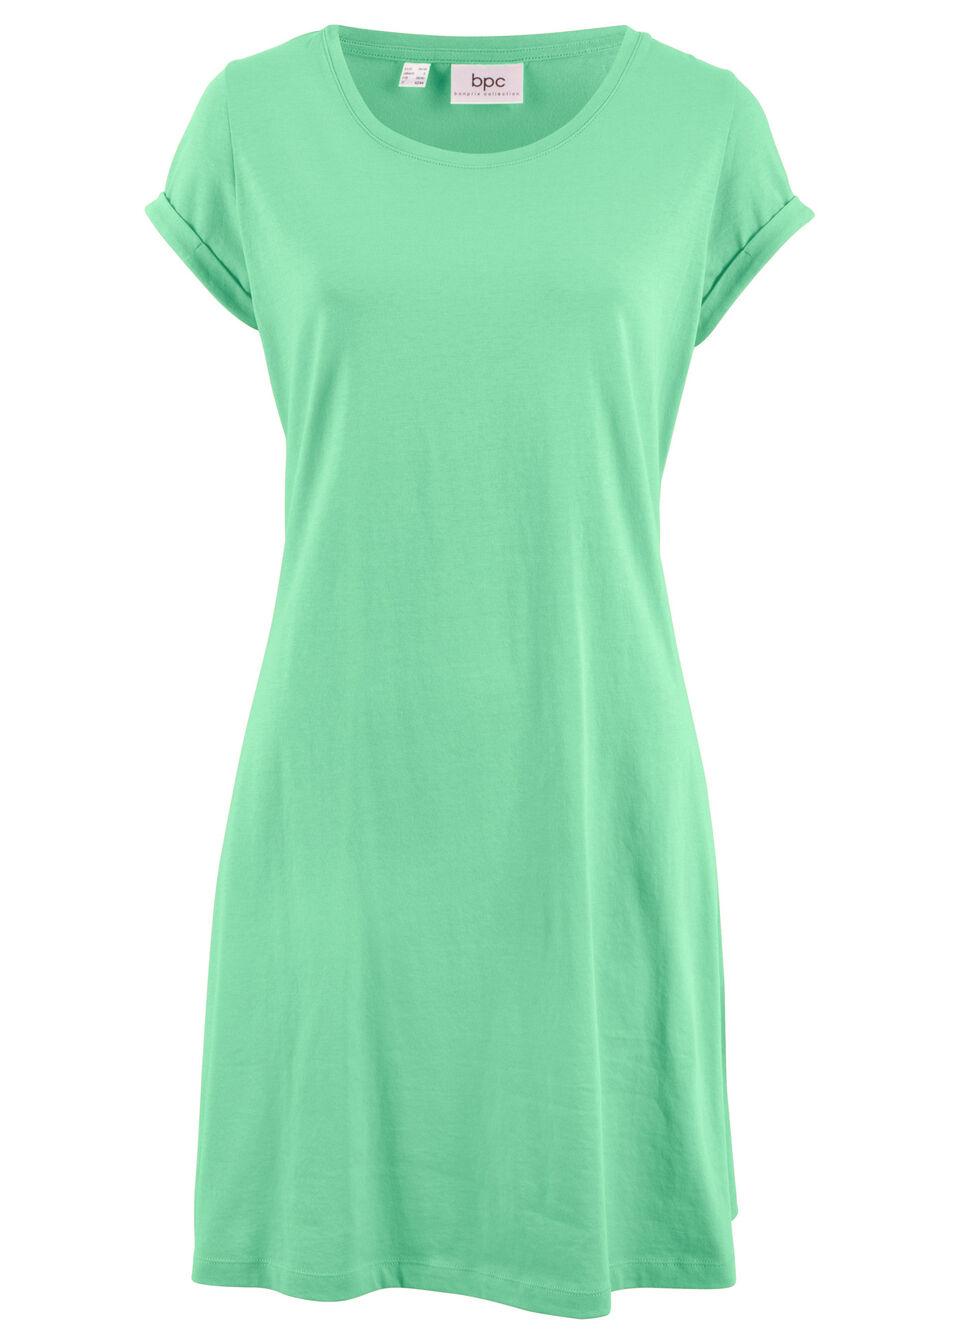 Sukienka shirtowa, krótki rękaw bonprix kremowy miętowy